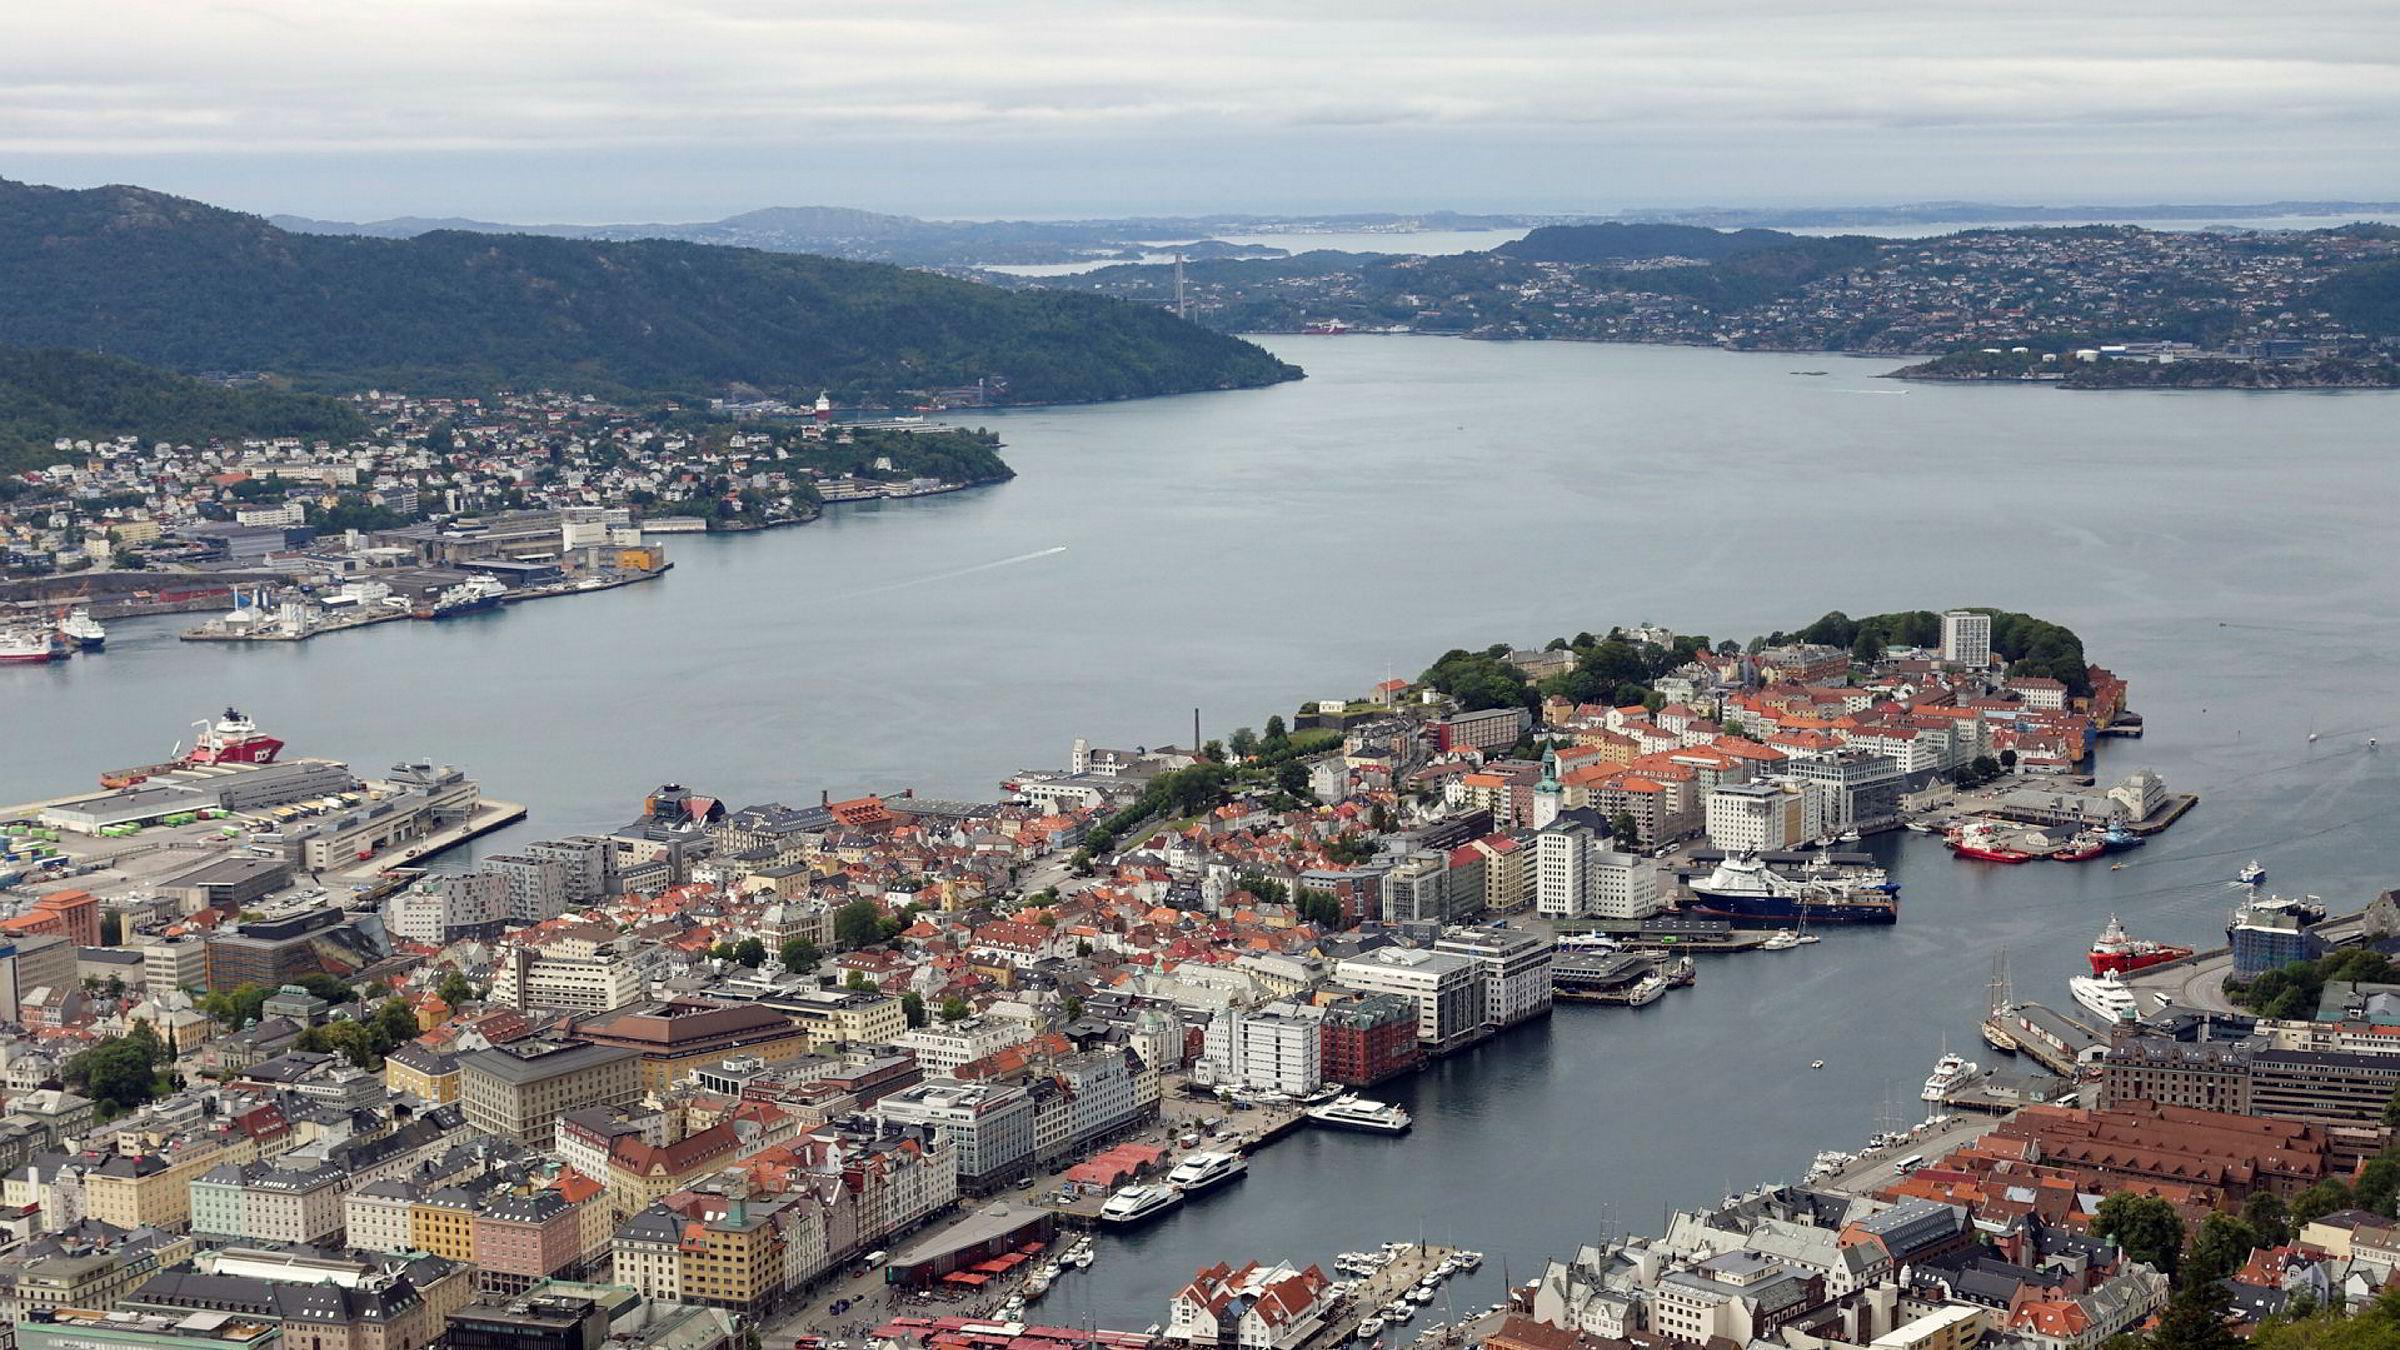 Utvalget av sentrale og gode kontor lokaler i Bergen lokaler minsker, og legger press på prisene i dette segmentet, ifølge Tron Lehmann Syversen i Kyte Næringsmegling.